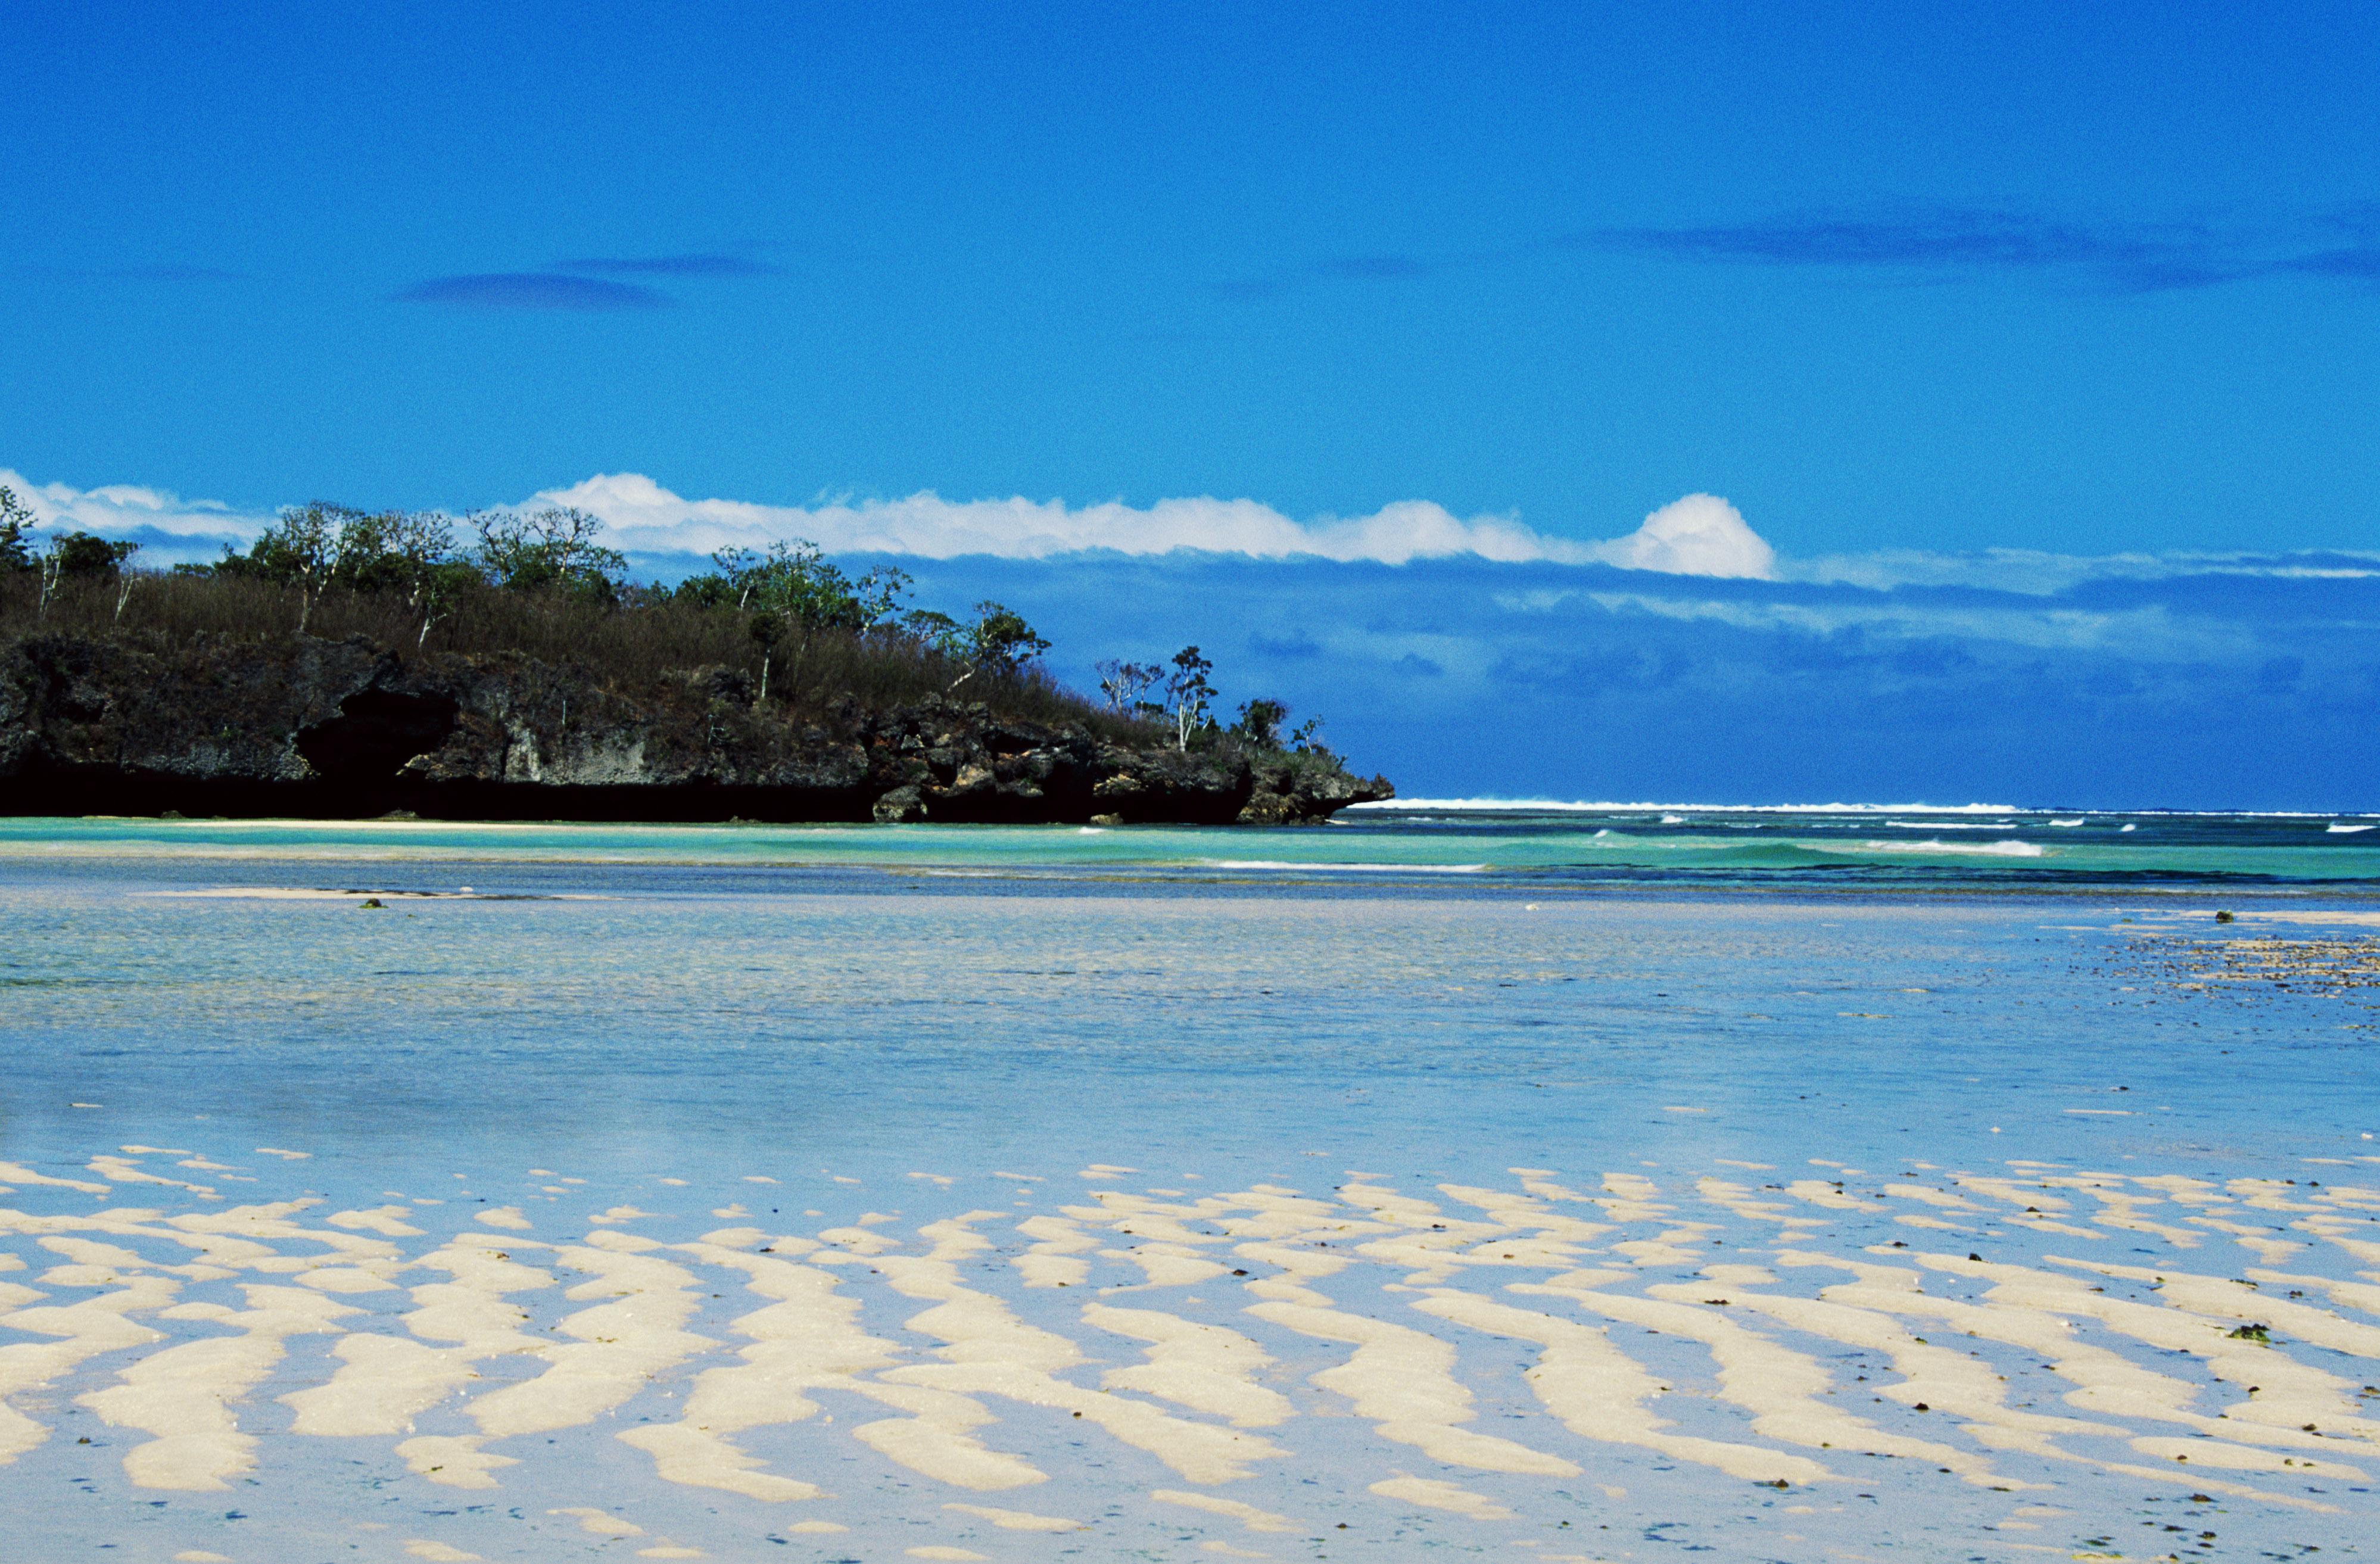 Блоги. Тропический рай. dodjik007, ЯндексФоткахltmore, «Тропический, альбоме, Фотографии, продолжается